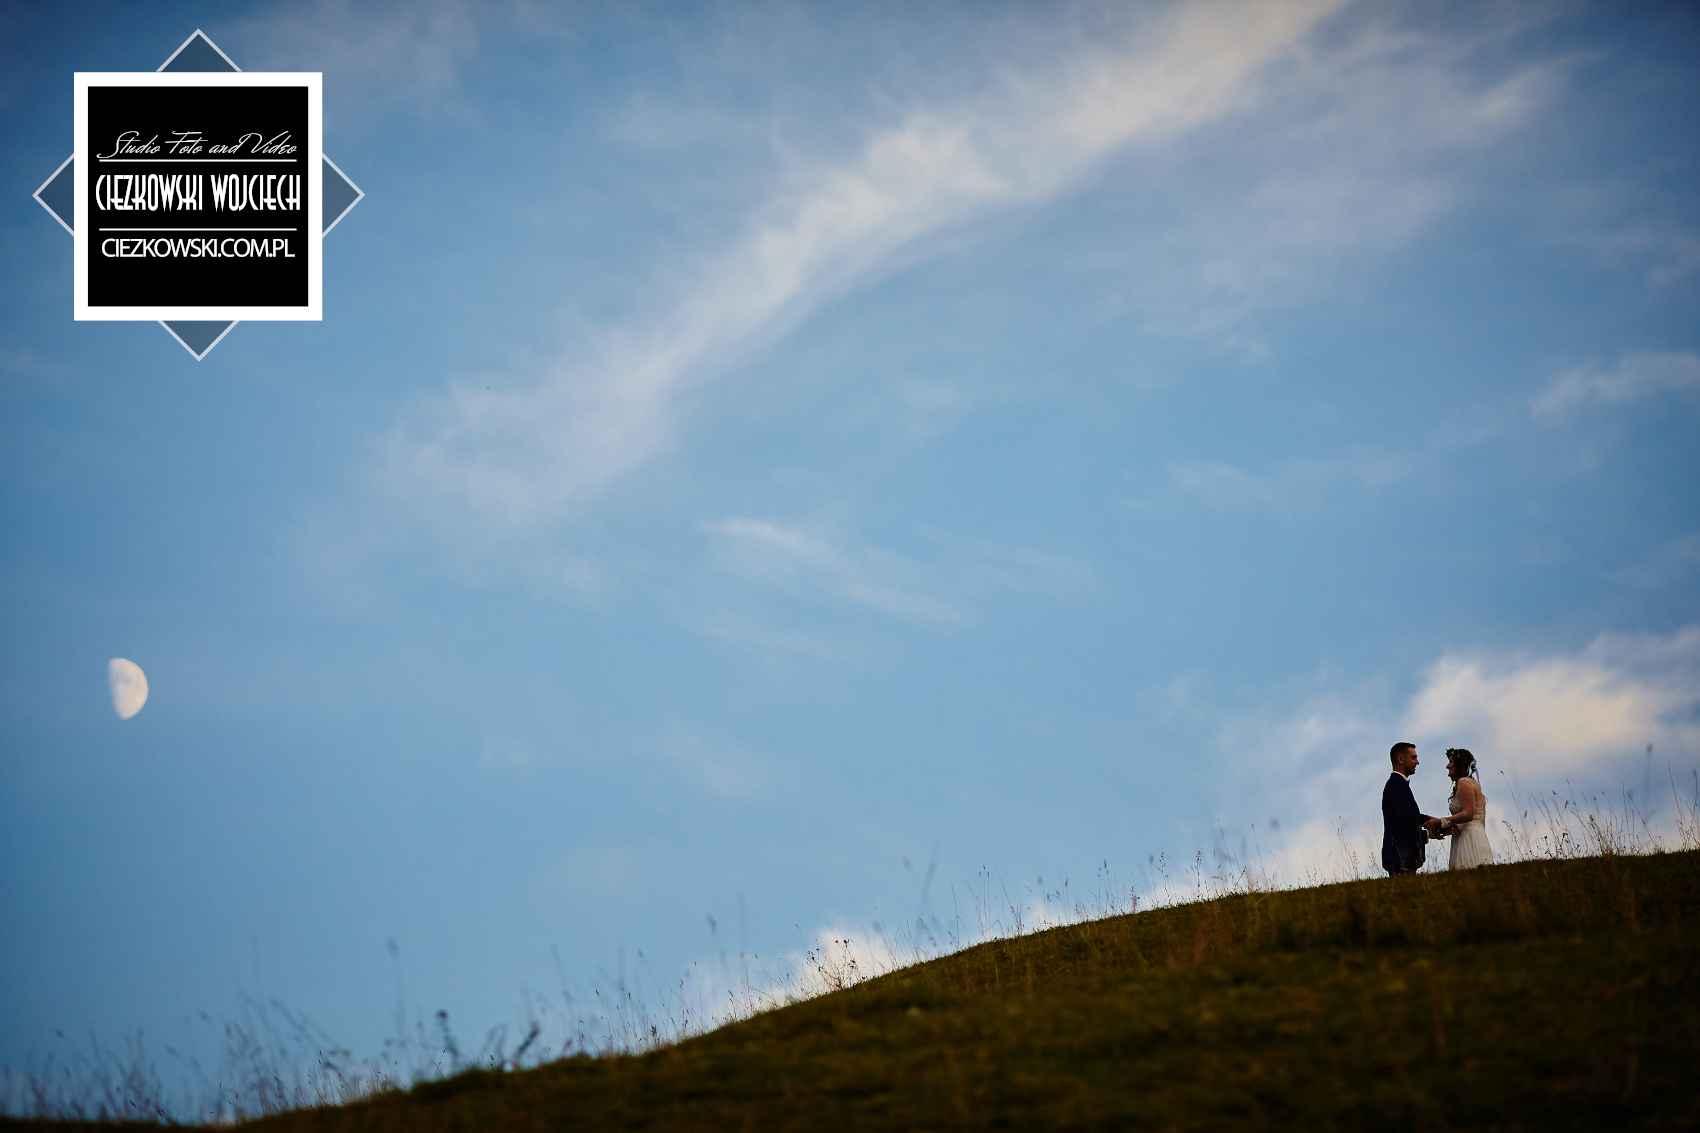 Filmowanie Imprez 4K SUWAŁKI! Ślub i Wesele. Super Jakość! FIRMA Suwałki - zdjęcie 1